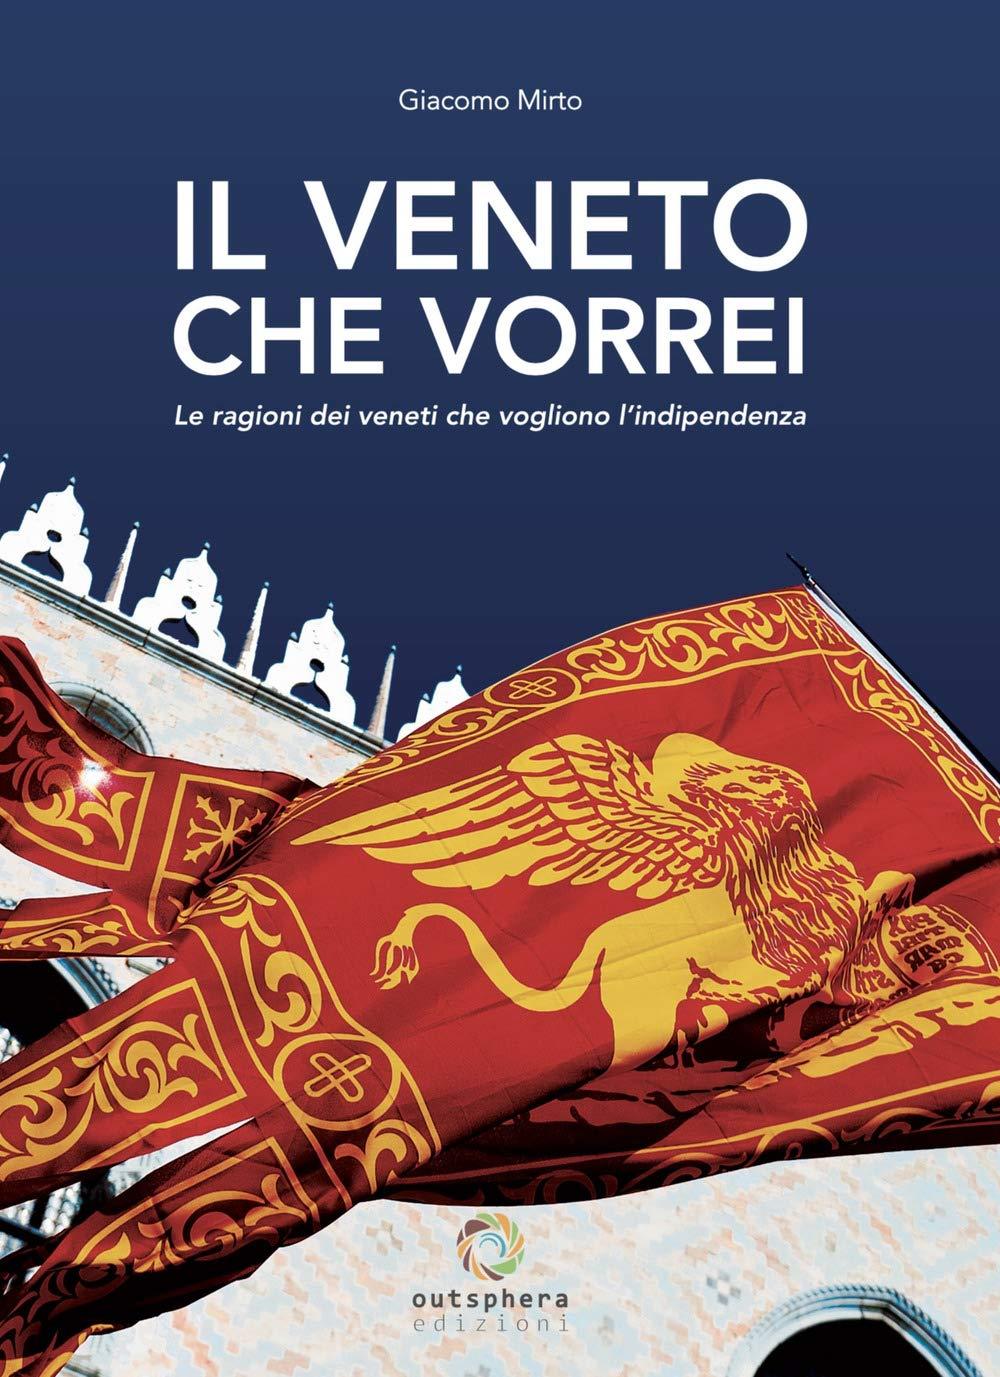 Il Veneto che vorrei. Le ragioni dei veneti che vogliono l'indipendenza Copertina rigida – 8 set 2018 Giacomo Mirto Outsphera Edizioni 8890956879 SCIENZA POLITICA